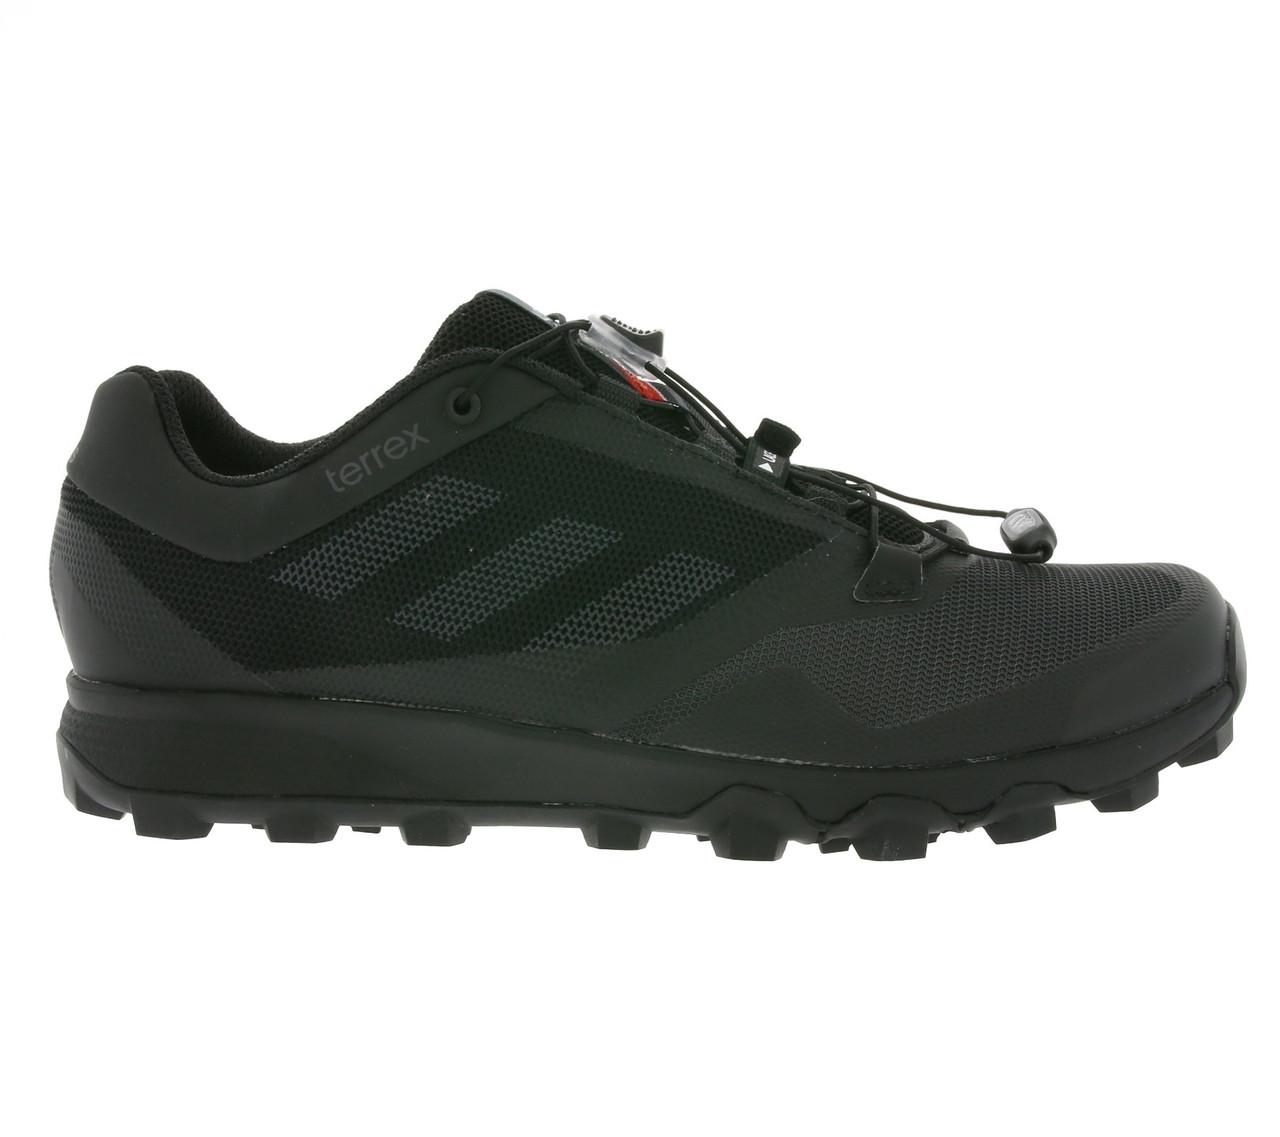 d8ac45f2c5fa Кроссовки adidas мужские Terrex trailmaker running оригинал - vectorsport в  Виннице